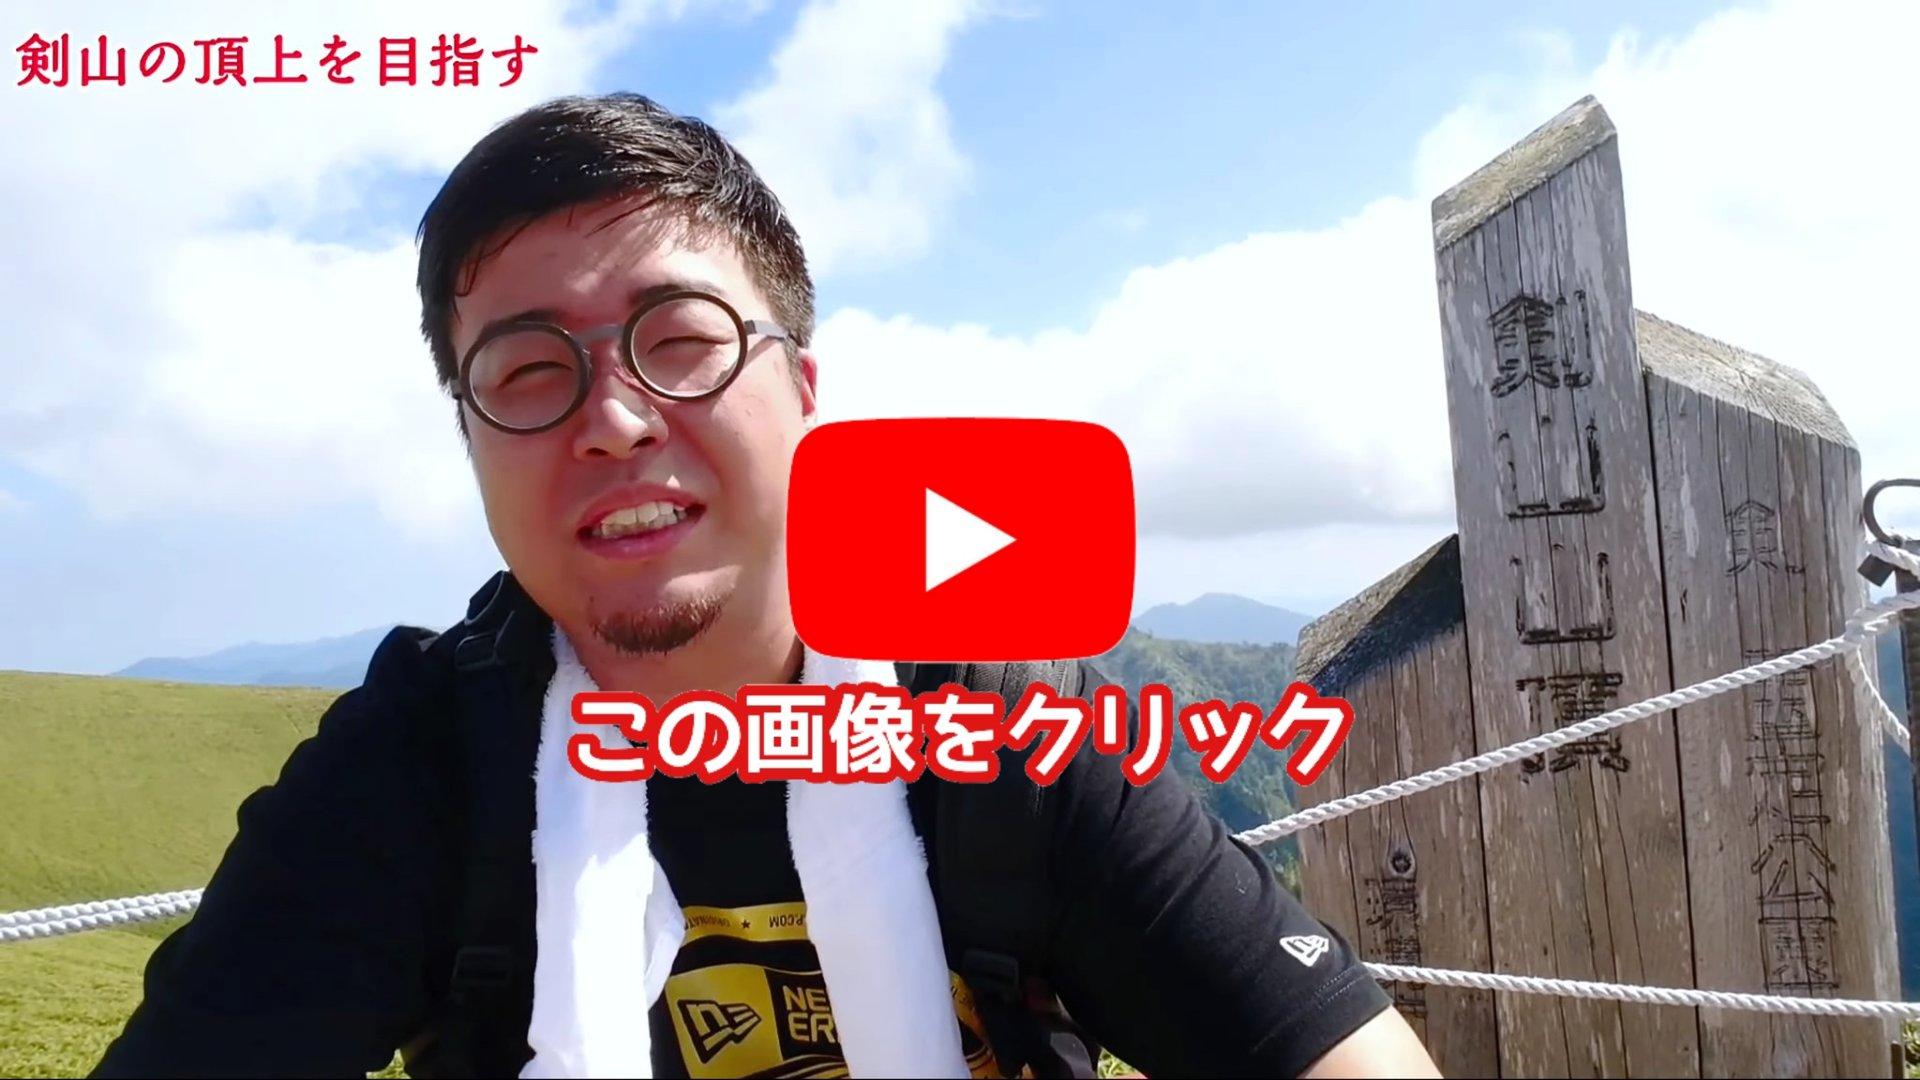 【剣山】徳島最高峰の山